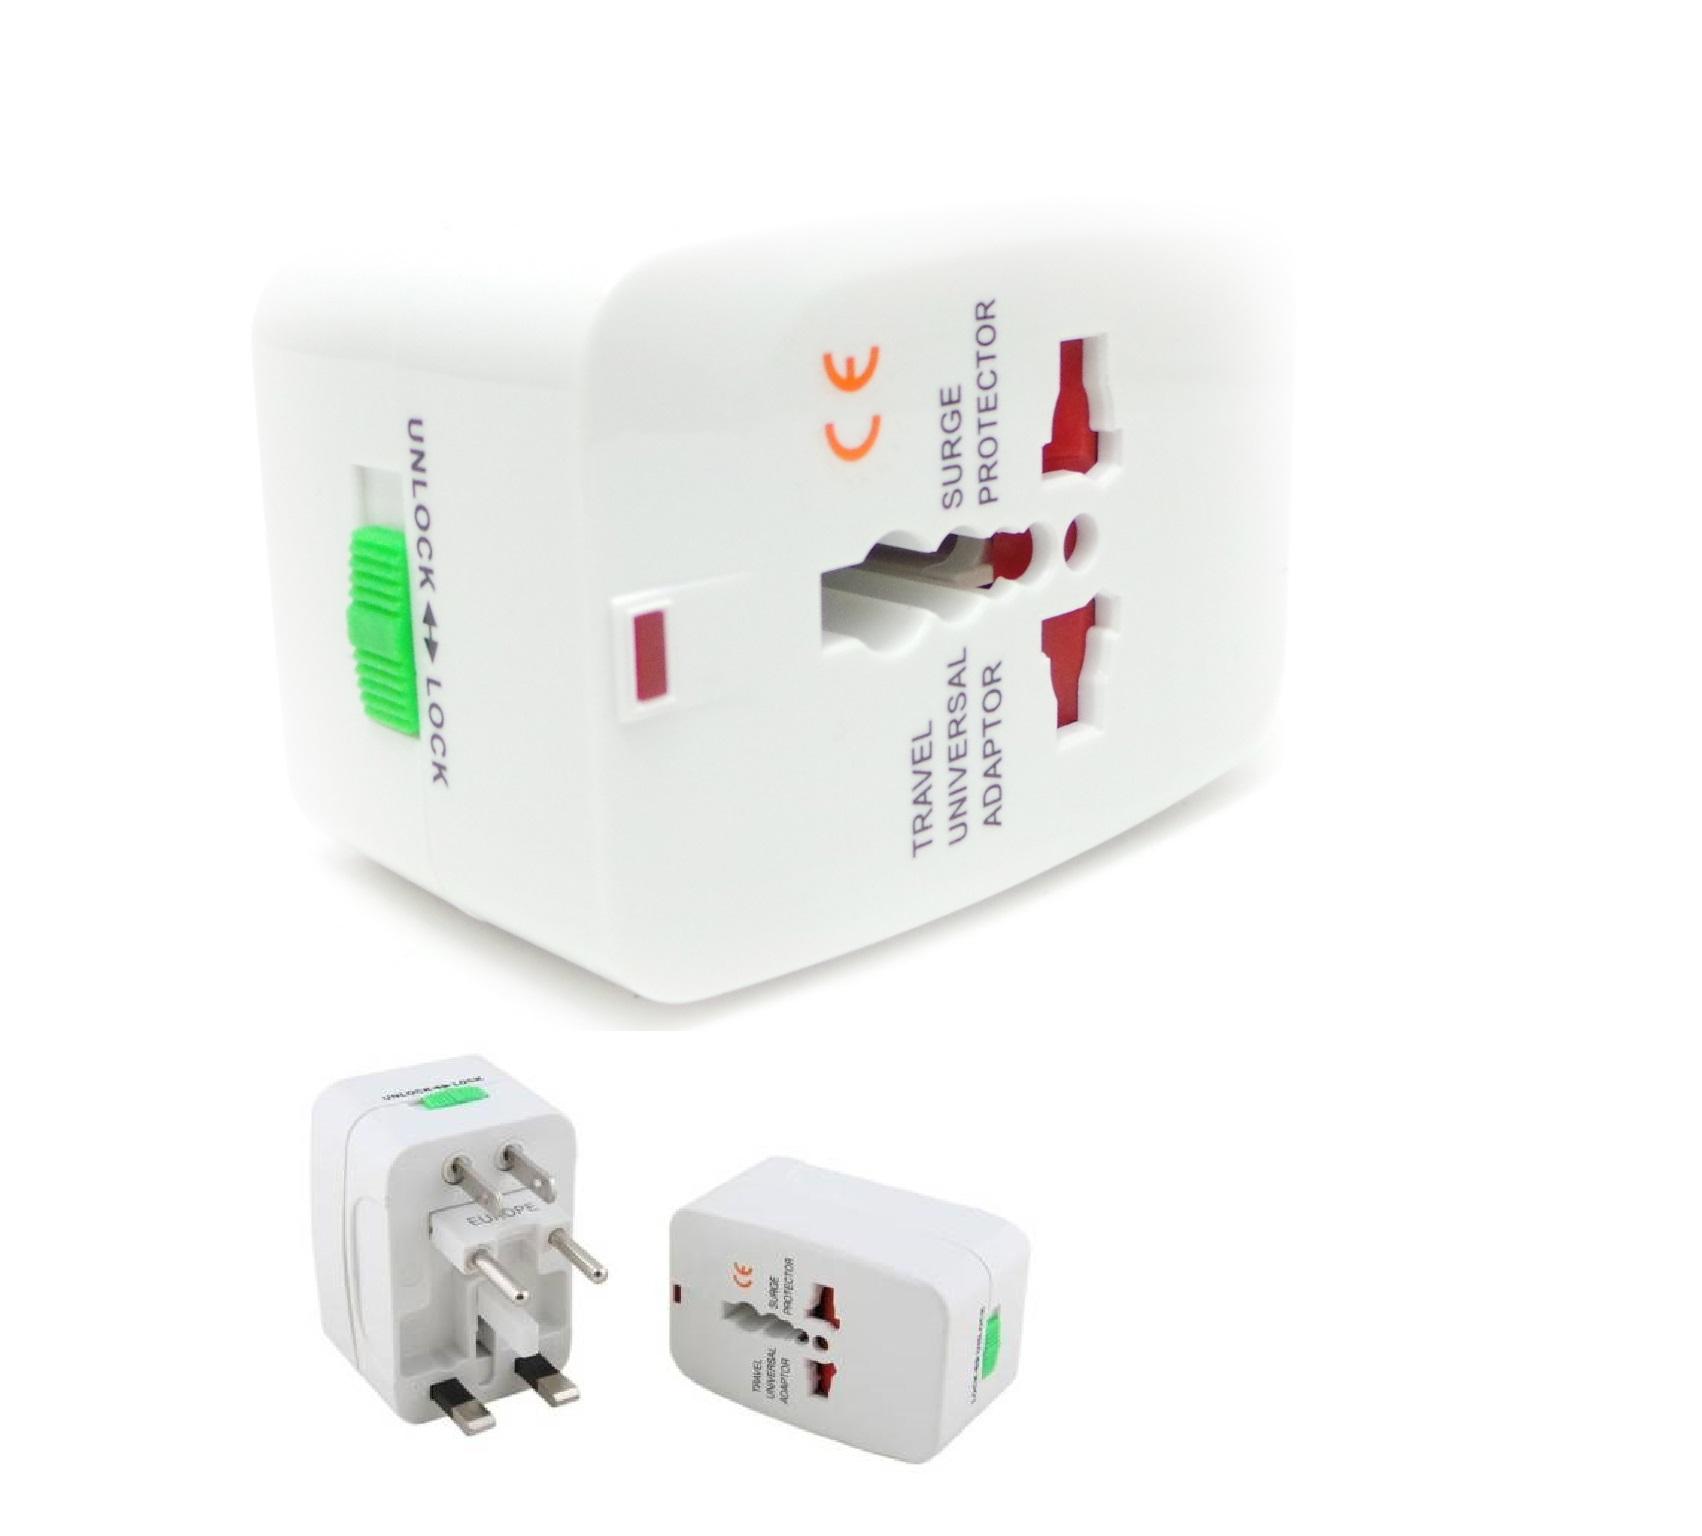 Silamp Adattatore Spina Tripla corrente Da Adattatore Elettrica Bianca Spina 16A 2p T rpsujmo